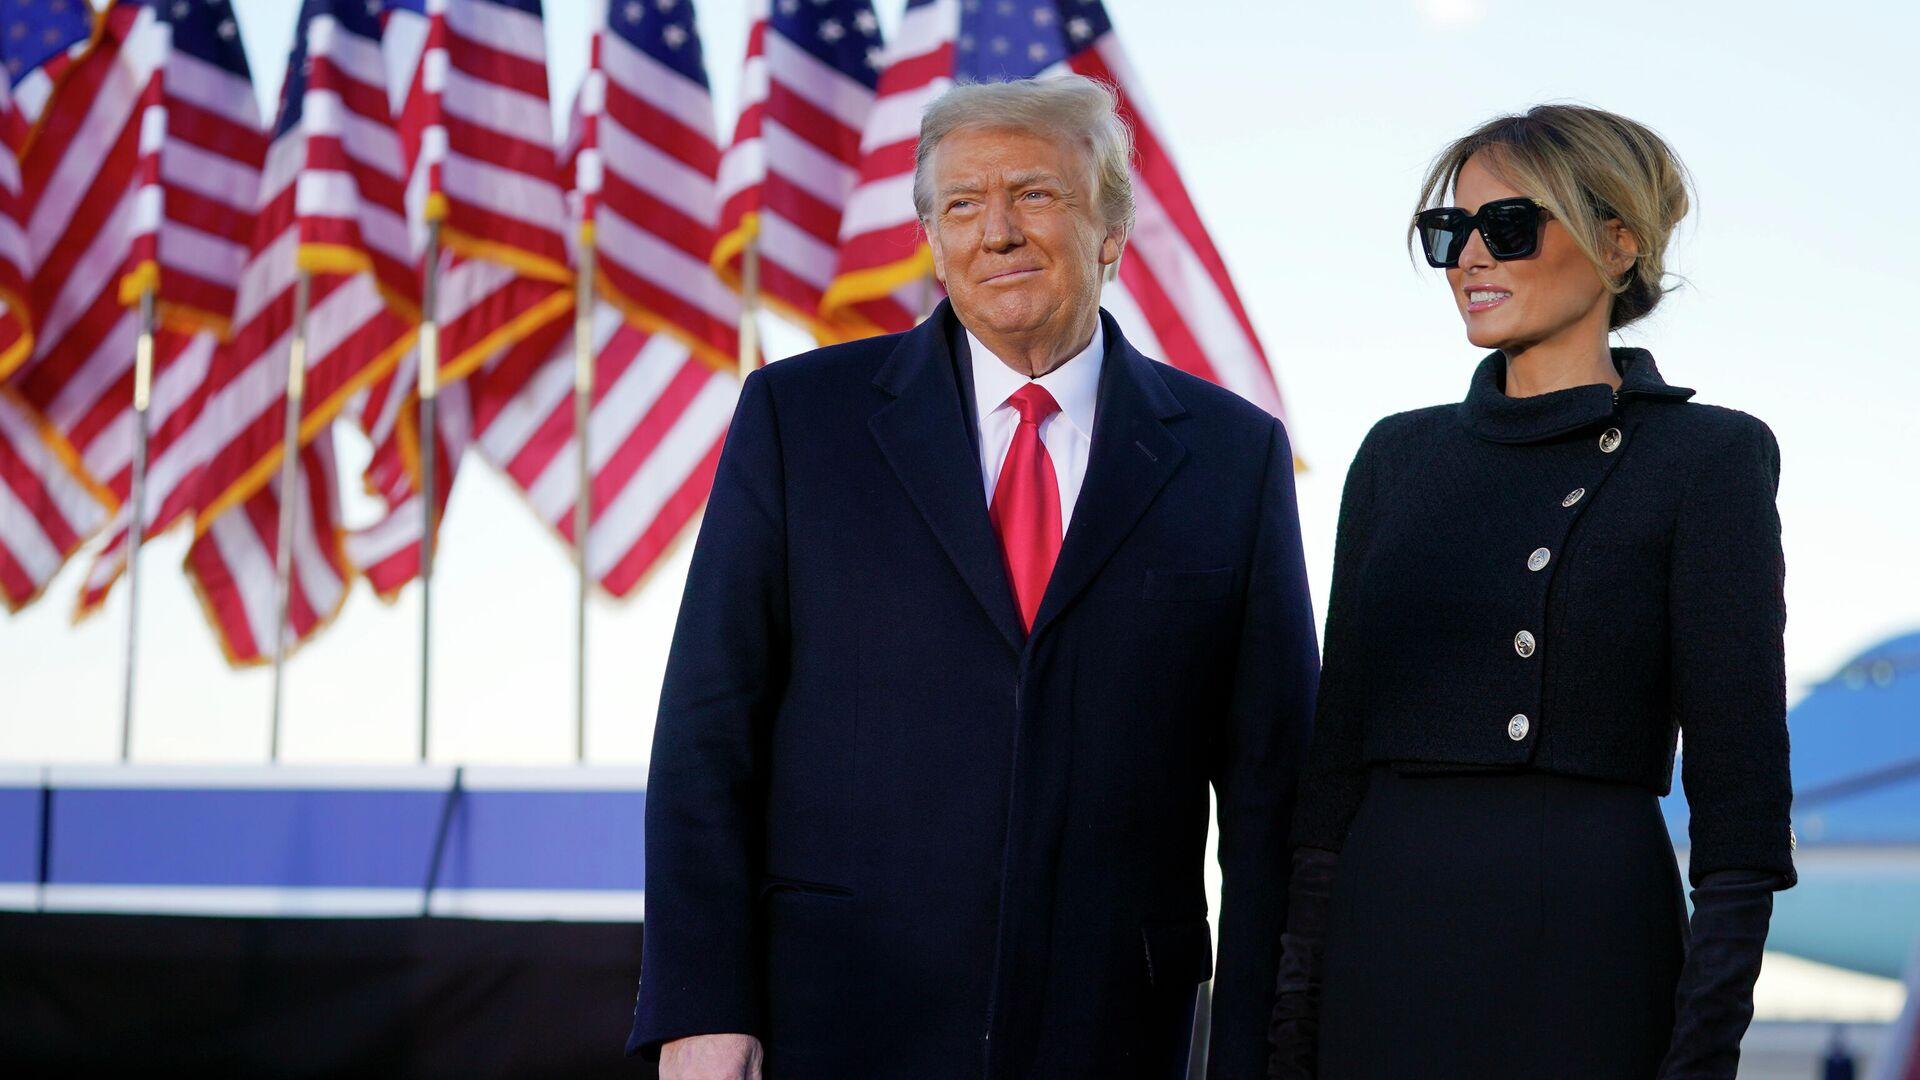 Президент США Дональд Трамп и первая леди Мелания Трамп во время выступления на базе Эндрюс, штат Мэриленд - РИА Новости, 1920, 01.03.2021